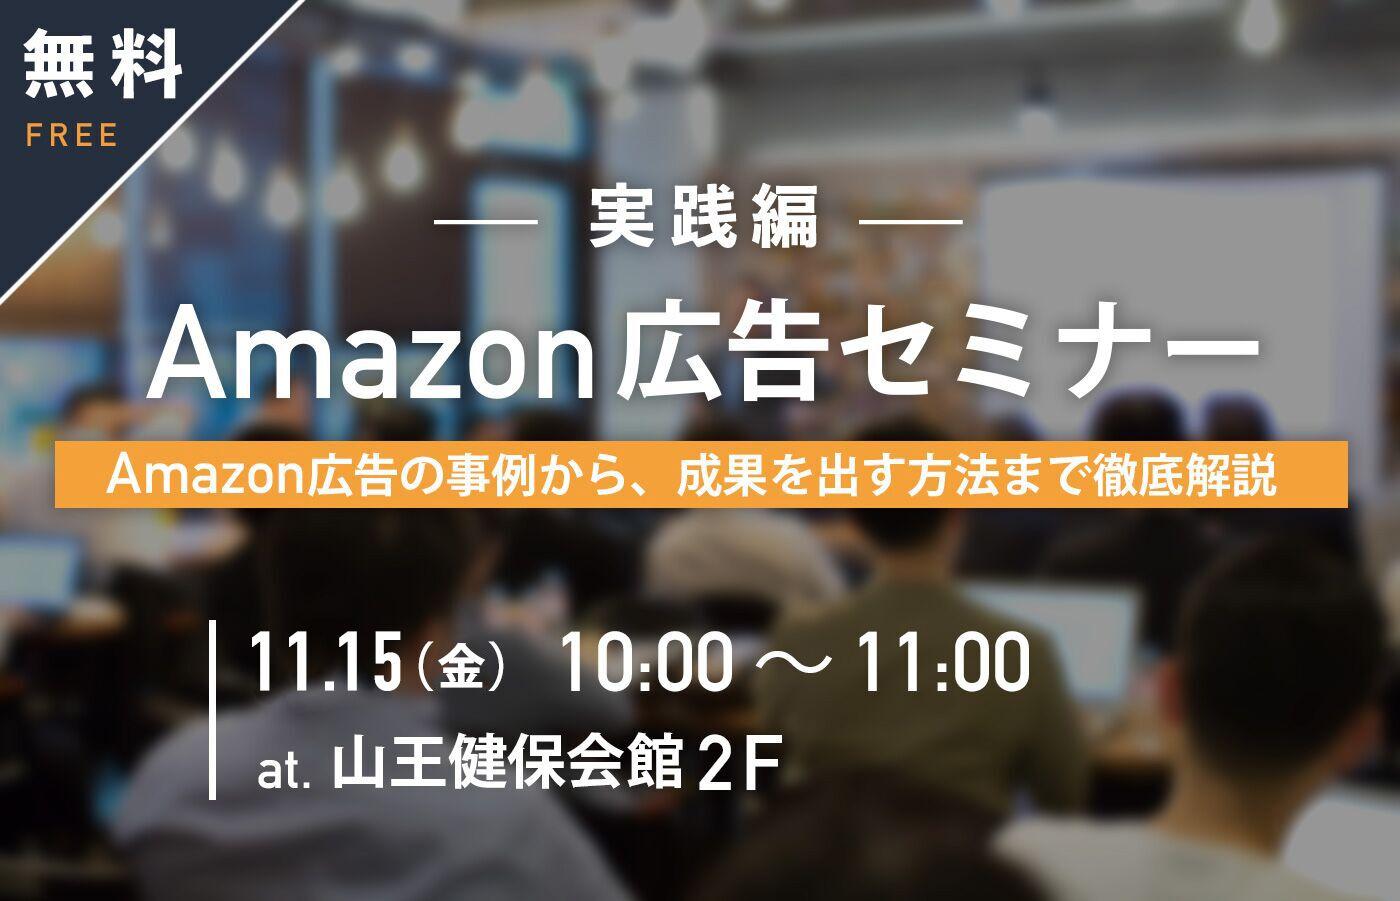 【実践編】<br/>Amazon広告セミナー<br/>コンバージョンが2.7倍?!成果を出す手法公開!<br/>